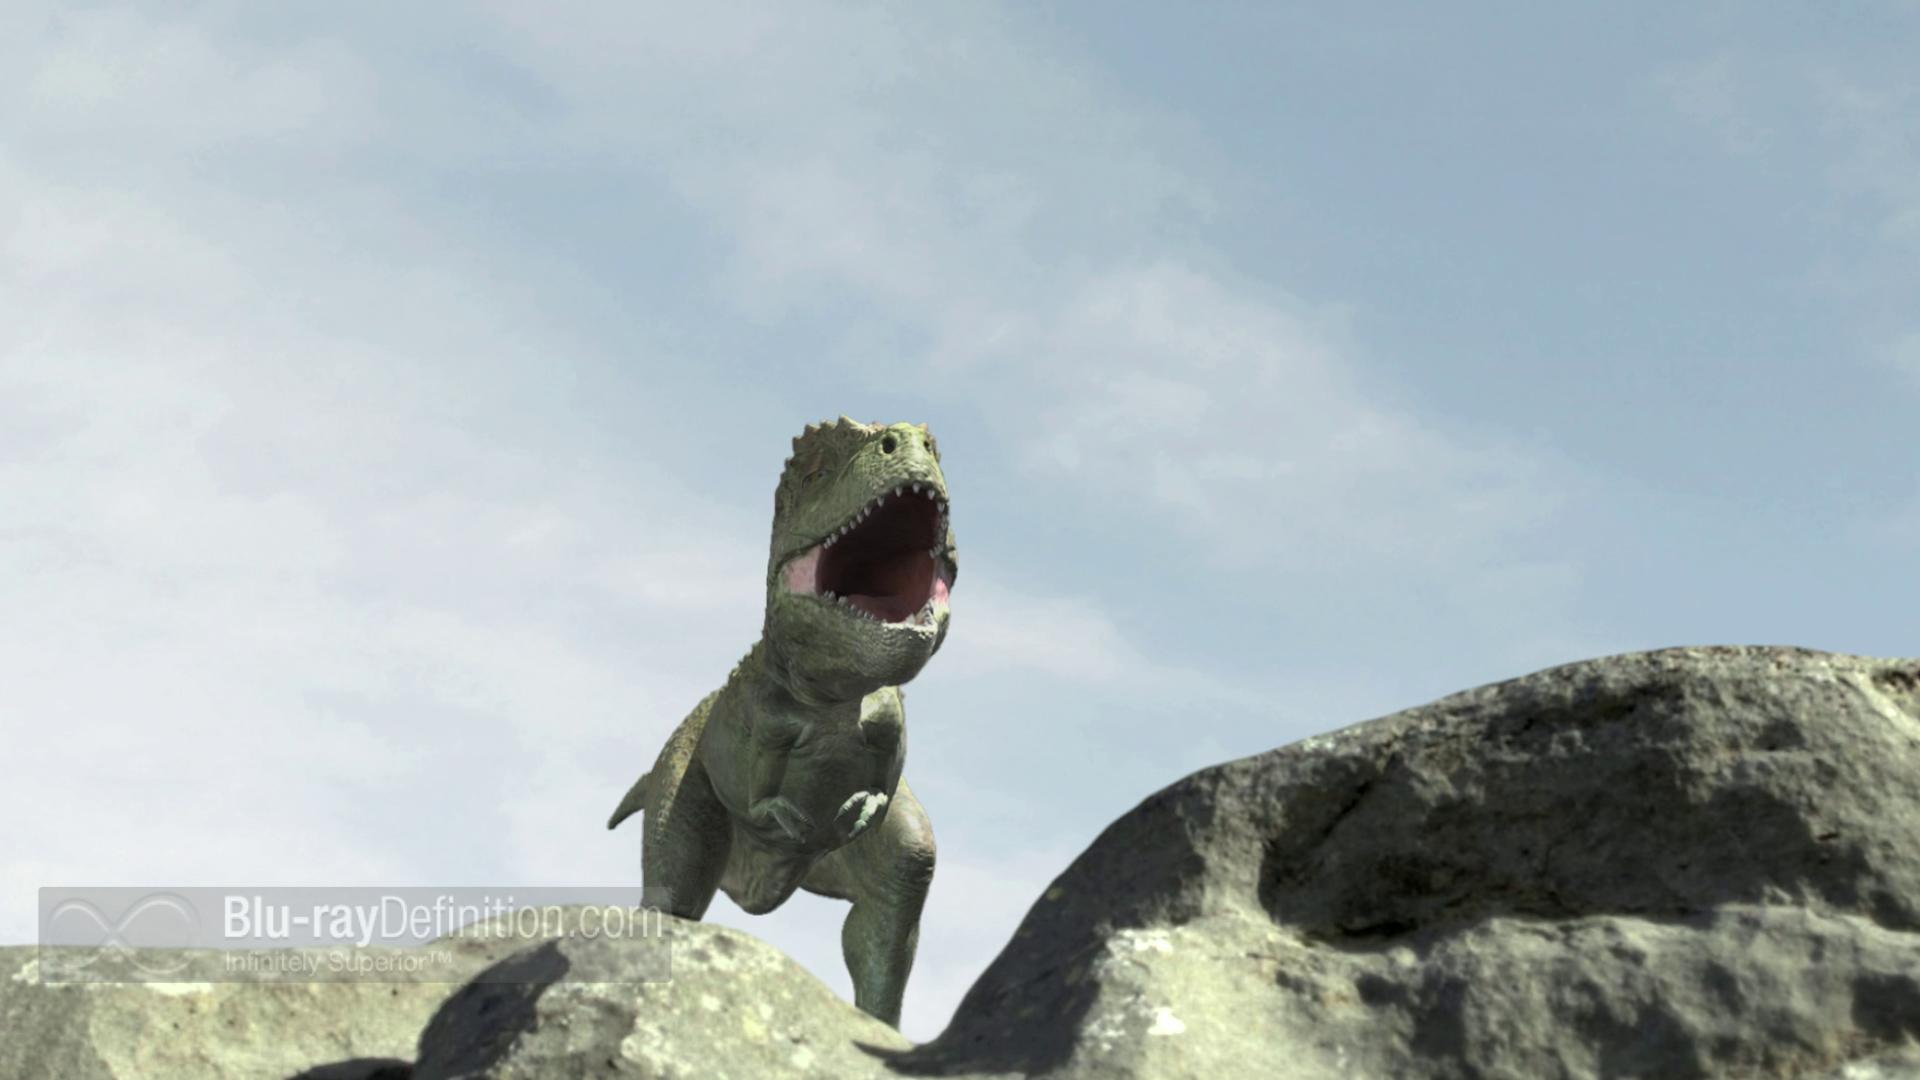 PNG HD Dinosaur - 151263